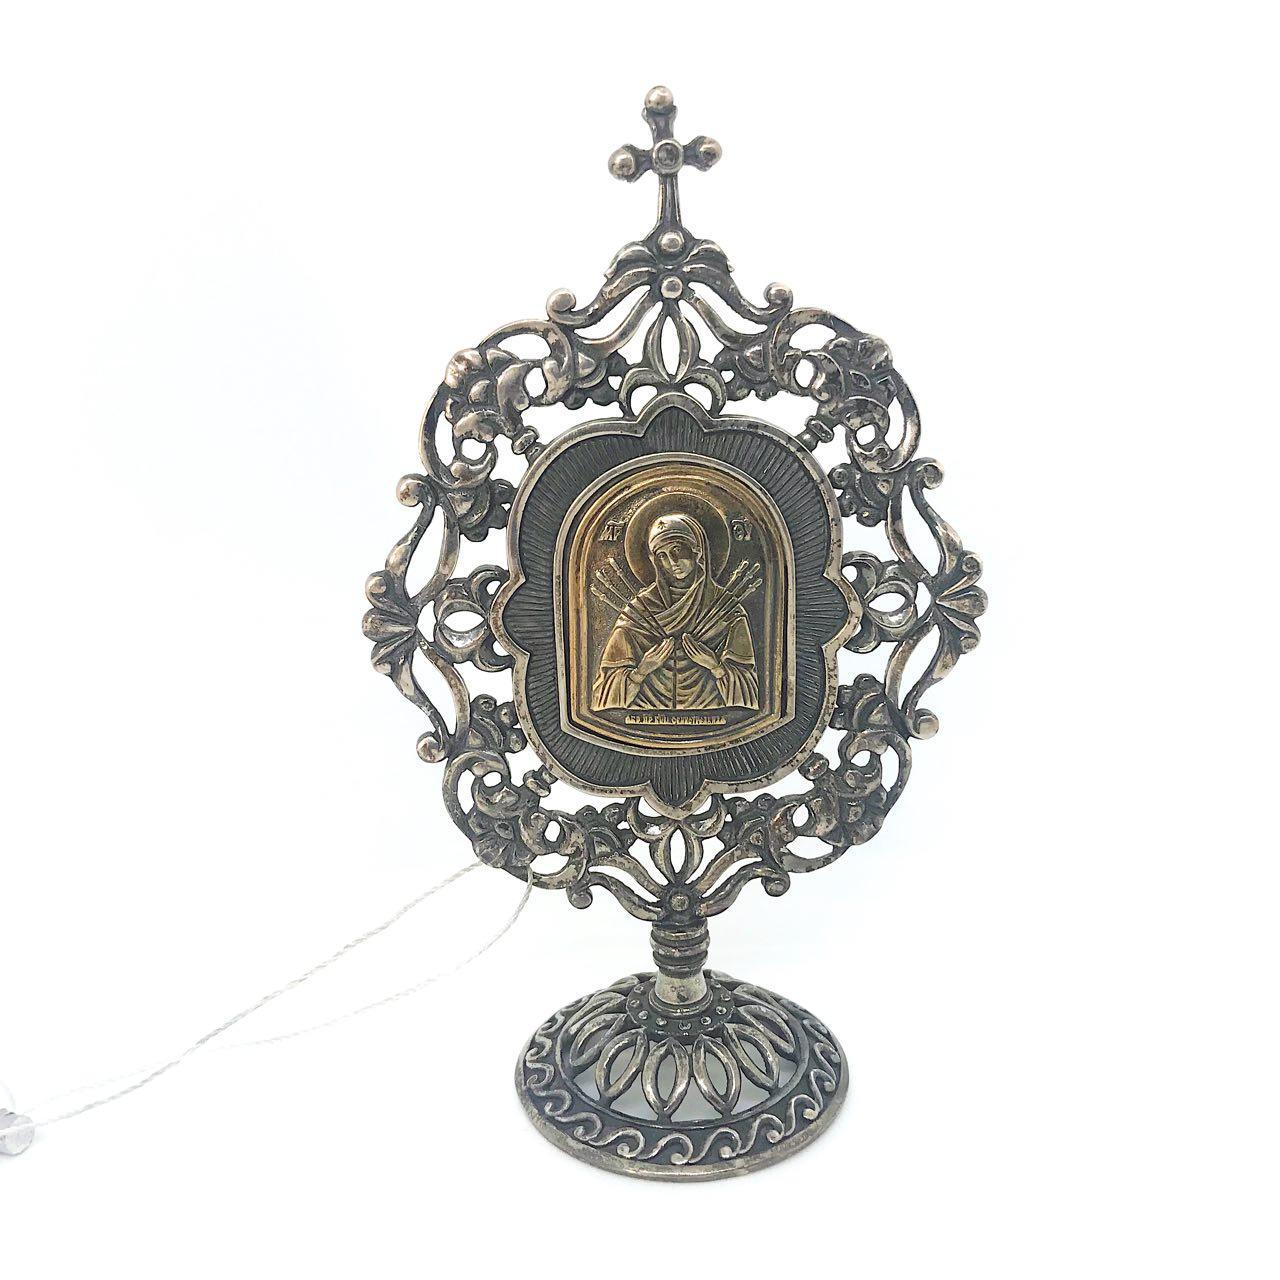 Икона настольная из серебра 925 пробы Брюс Богородица Семистрельная